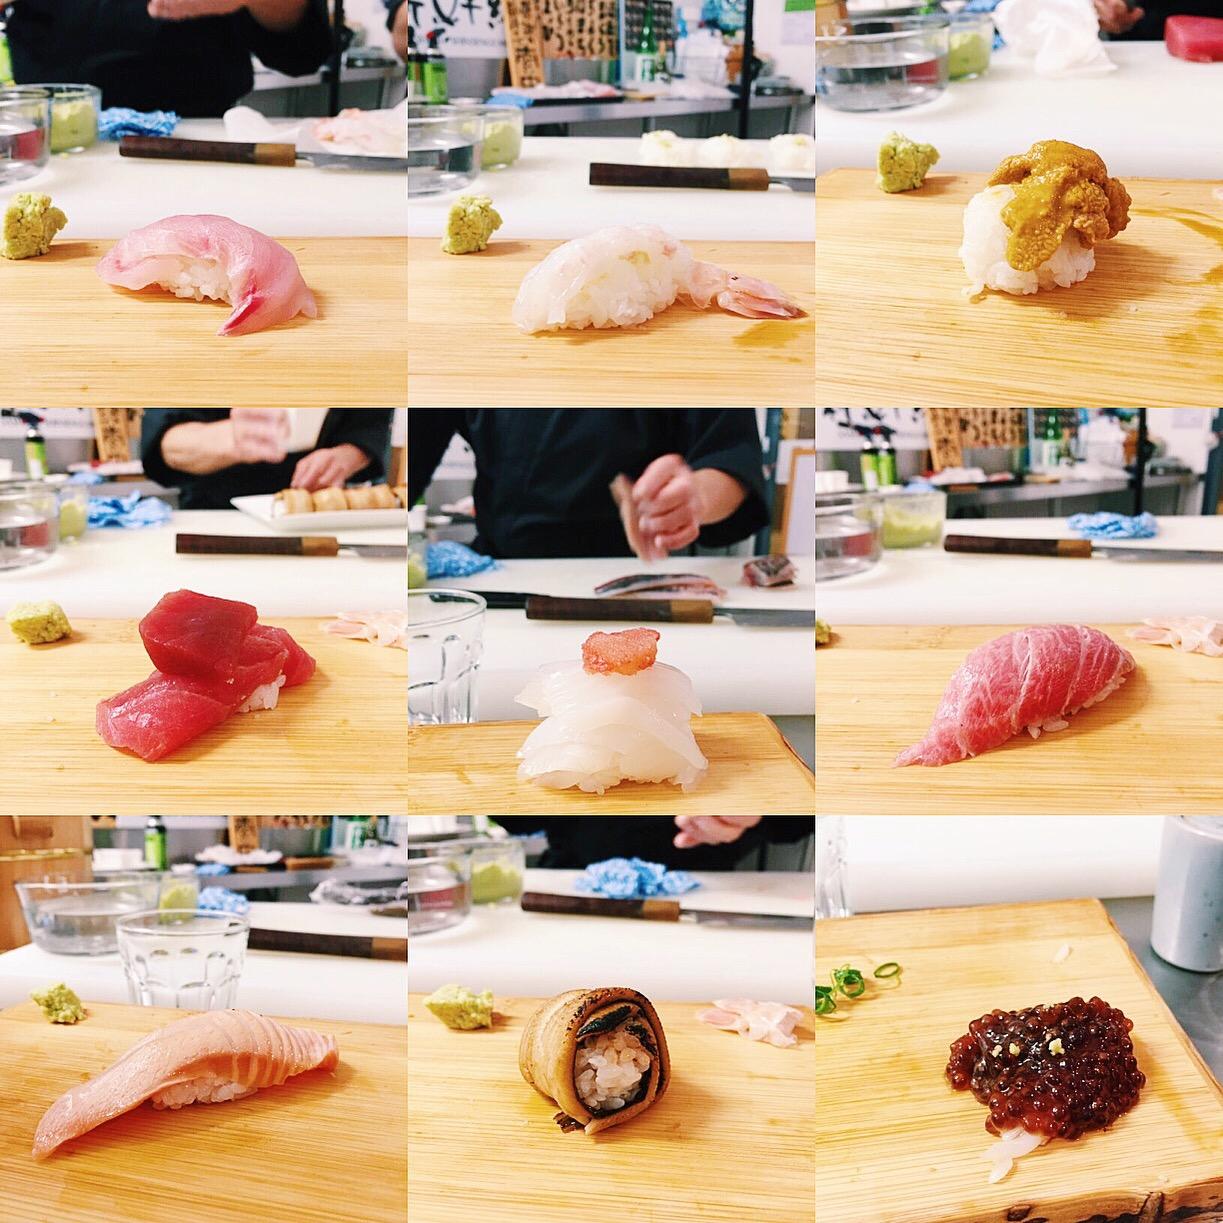 Shinsengumi omakase dinner in Sydney